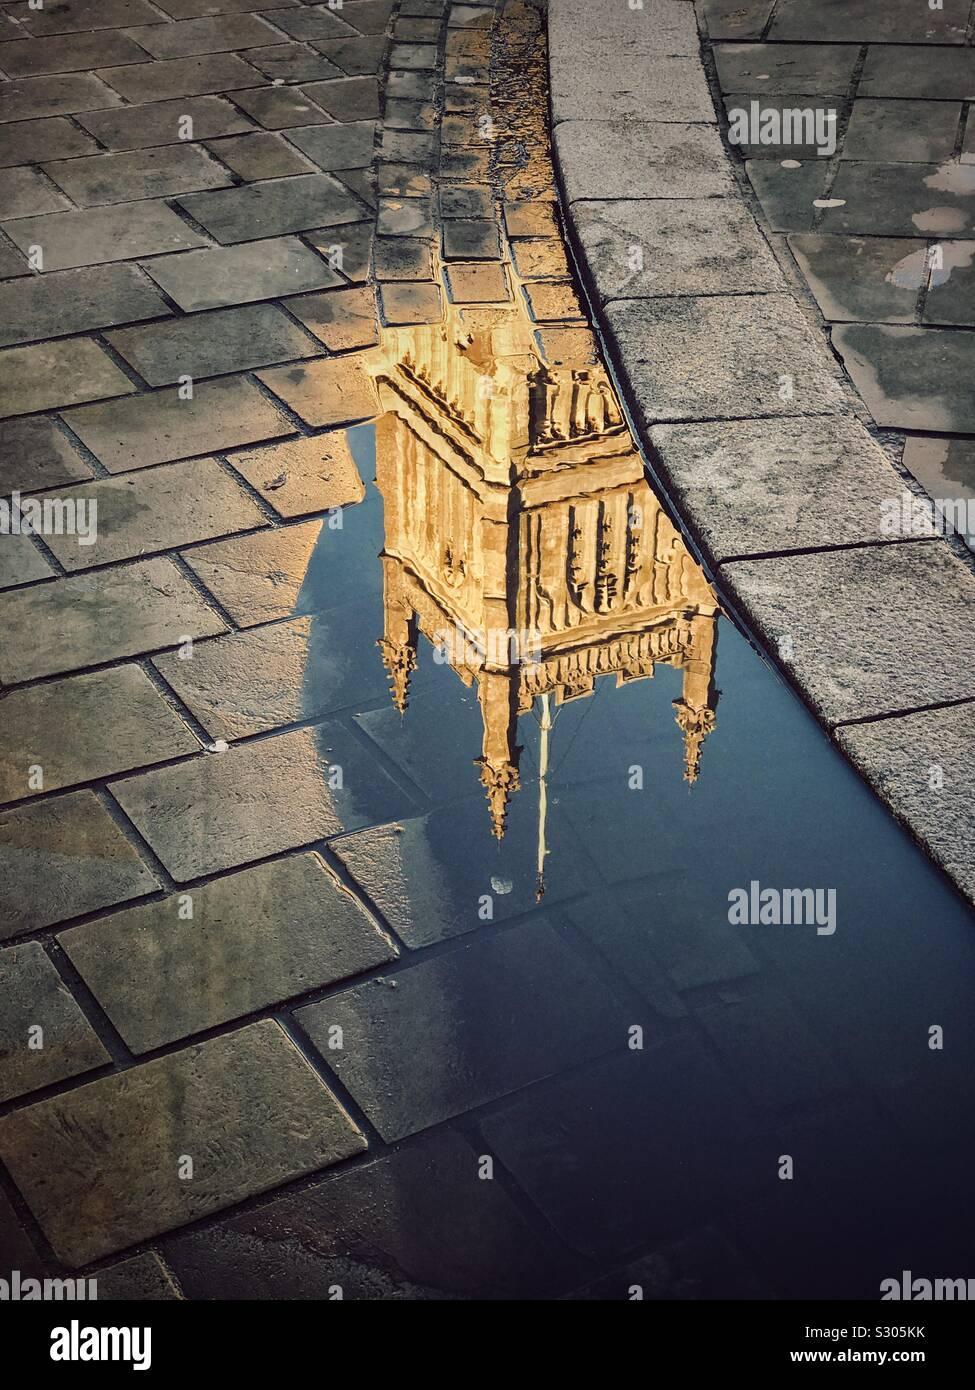 La riflessione di una grande chiesa anglicana del Campanile in una pozza - da qualche parte nel Sud dell Inghilterra. Credito foto - © COLIN HOSKINS. Foto Stock